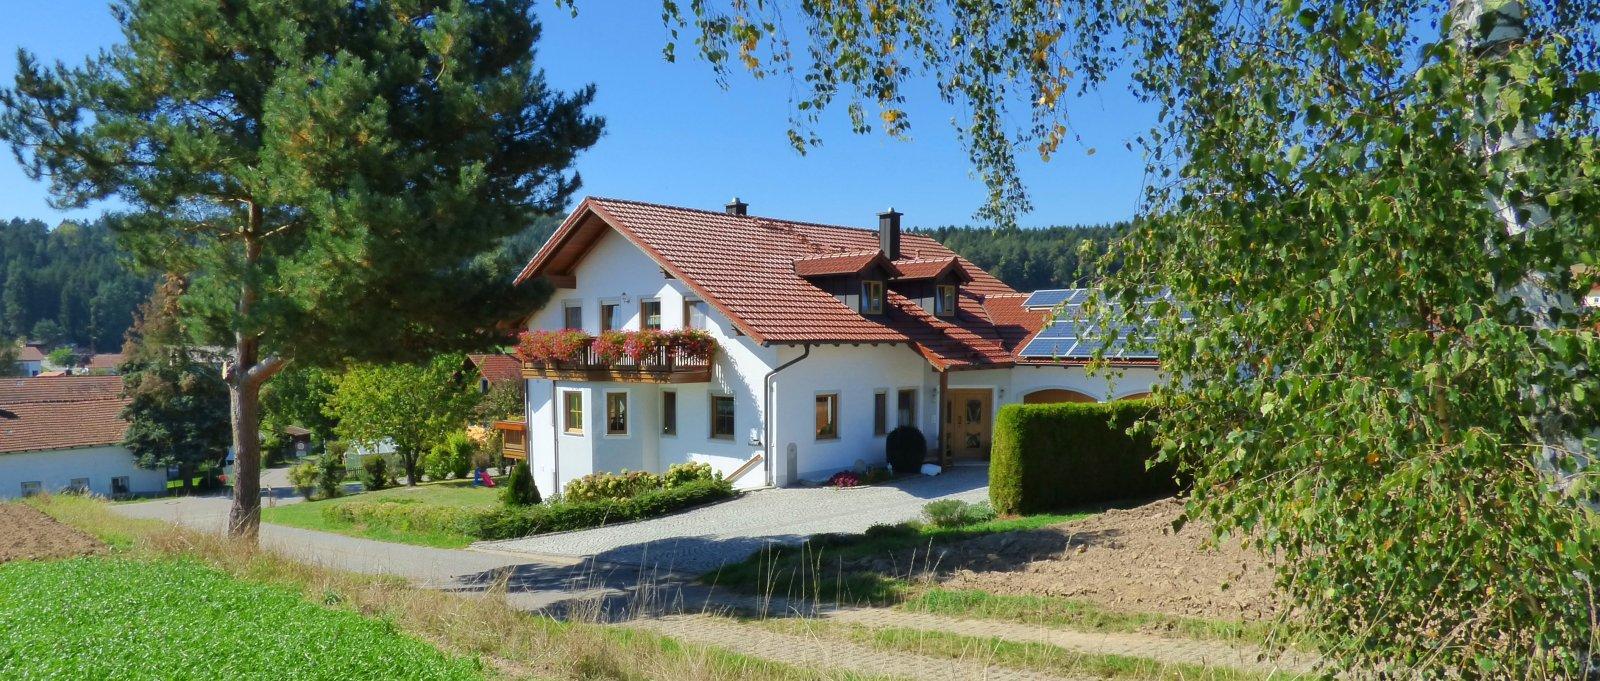 breitbilder-ammerhof-ferienhaus-zandt-oberpfalz-ansicht-1600